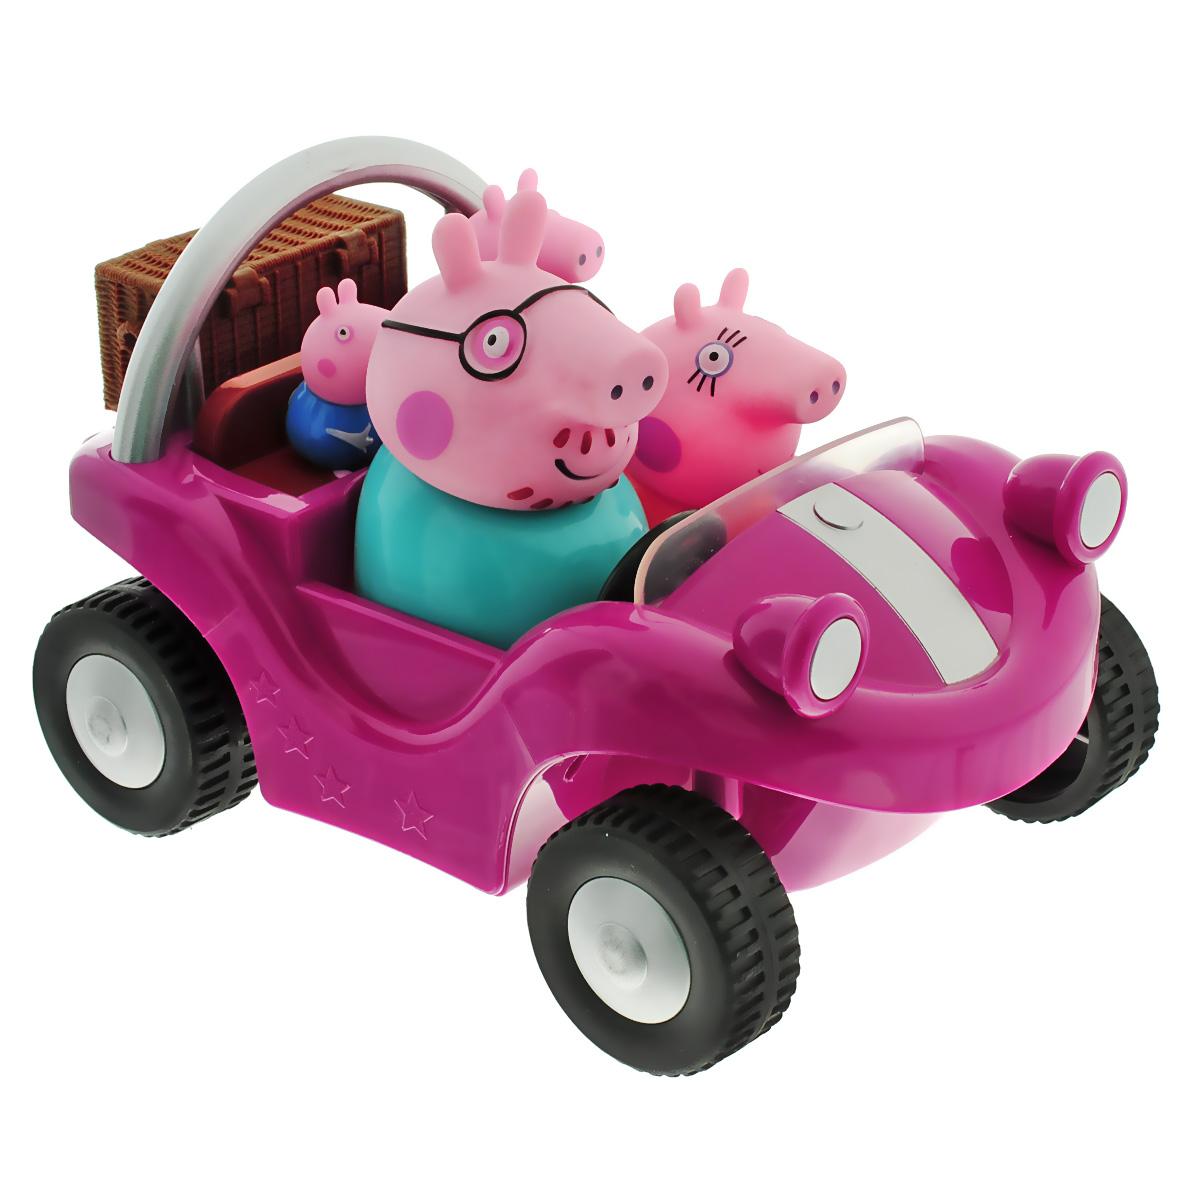 Игрушка Peppa Pig Спортивная машина, цвет: ярко-розовый